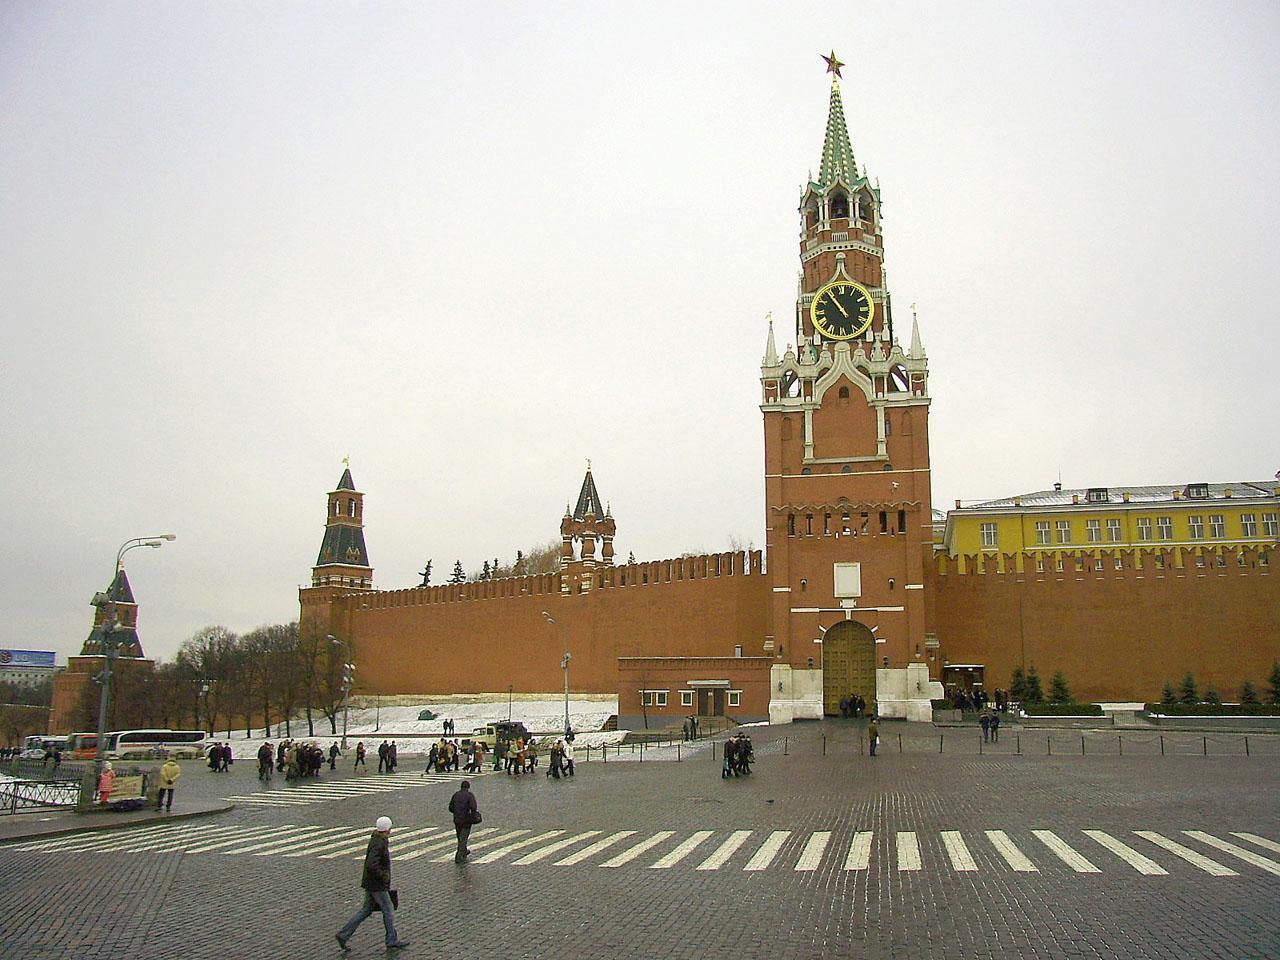 фото ЗакС политика У Кремля пикетируют матери политзаключенных